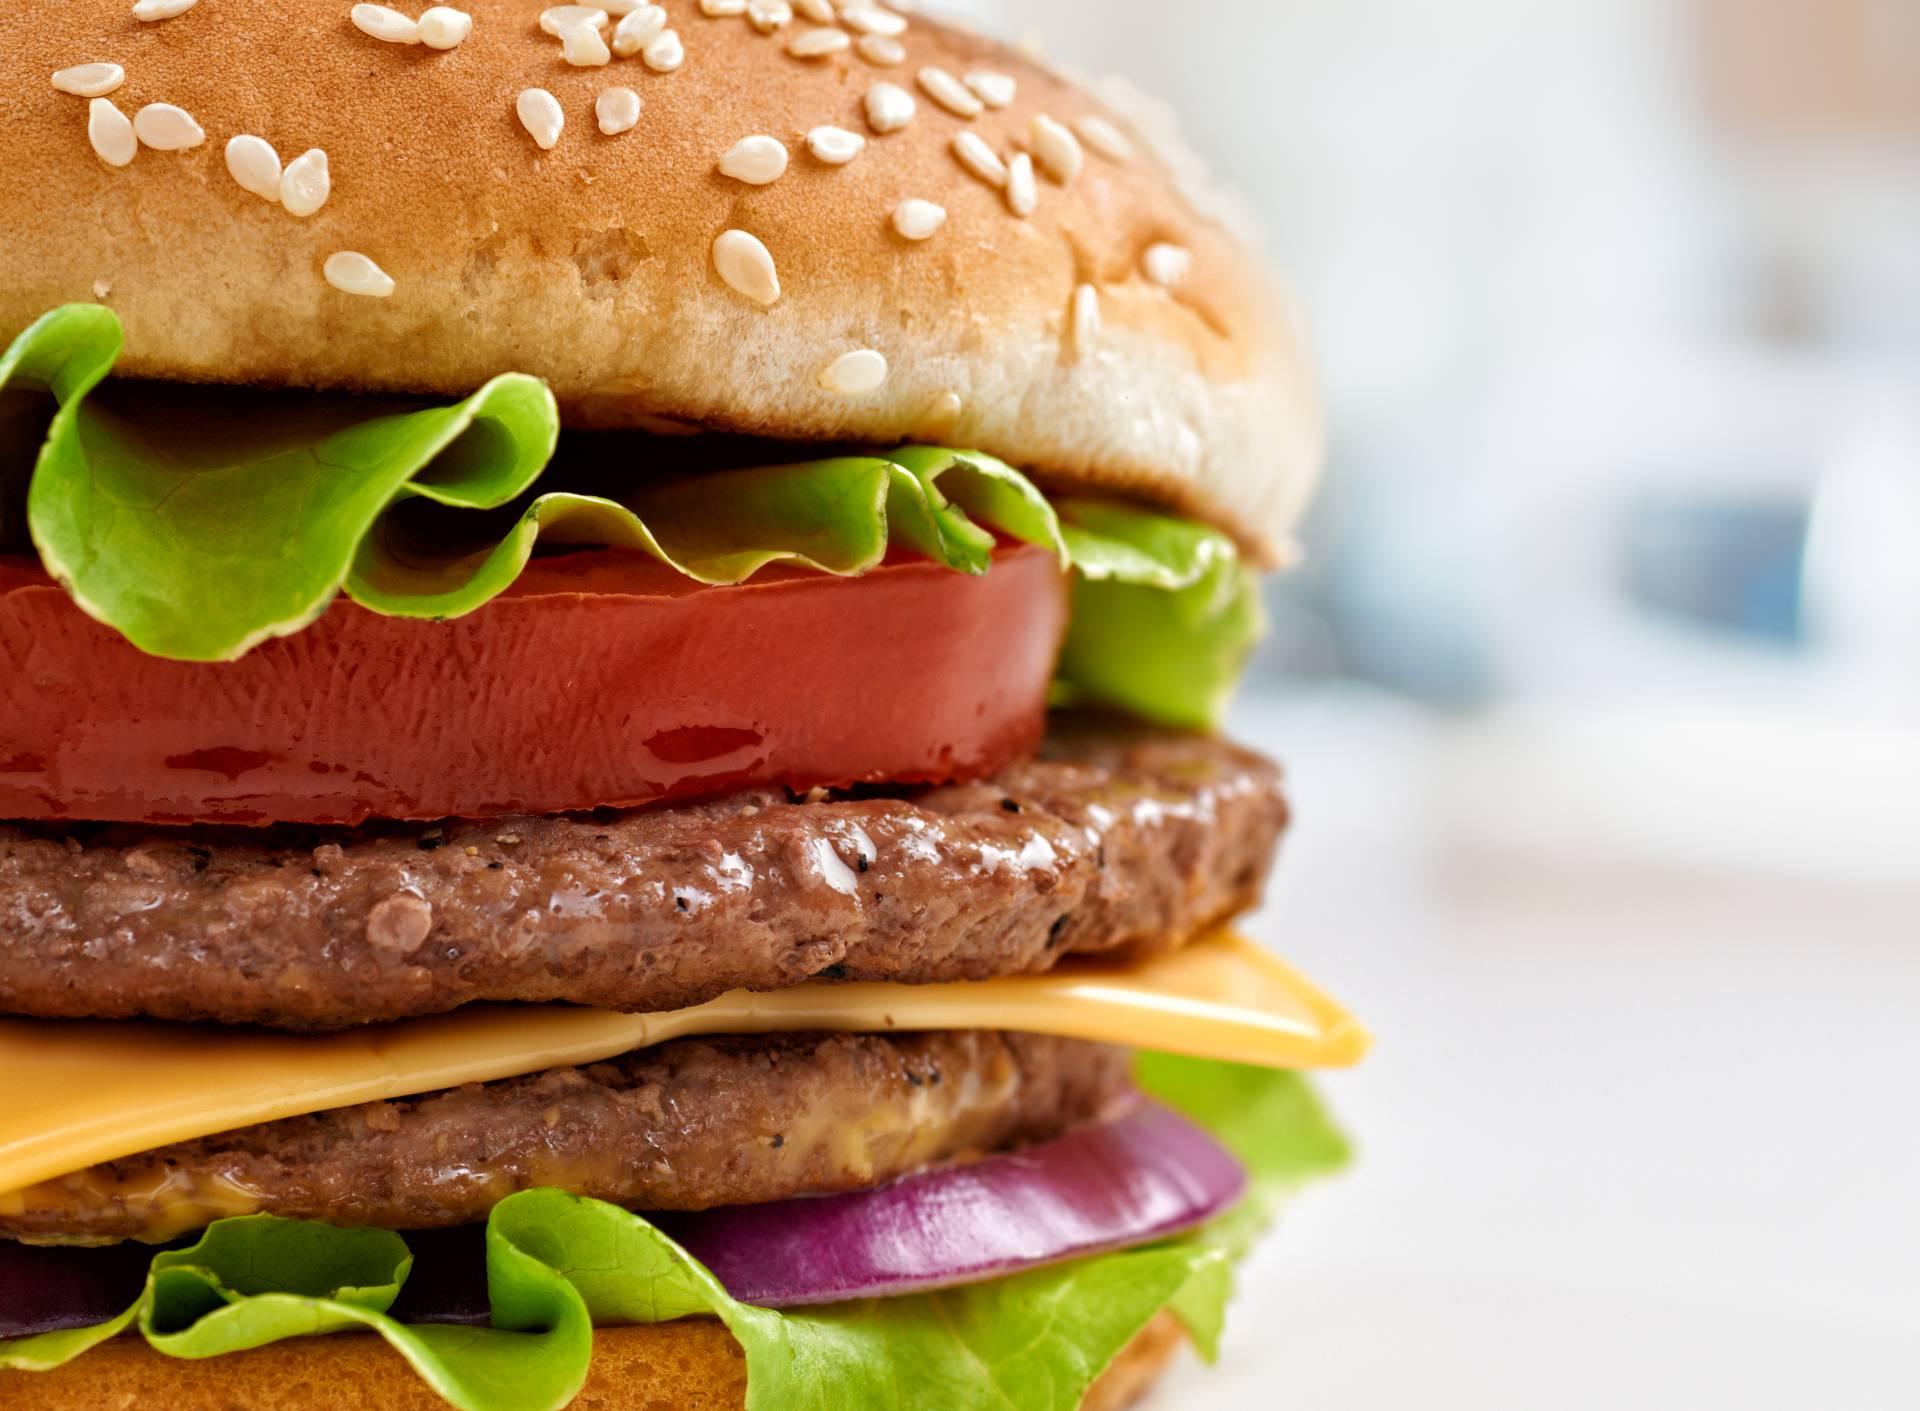 Savršeni hamburger ima devet slojeva i visok je 7 centimetara